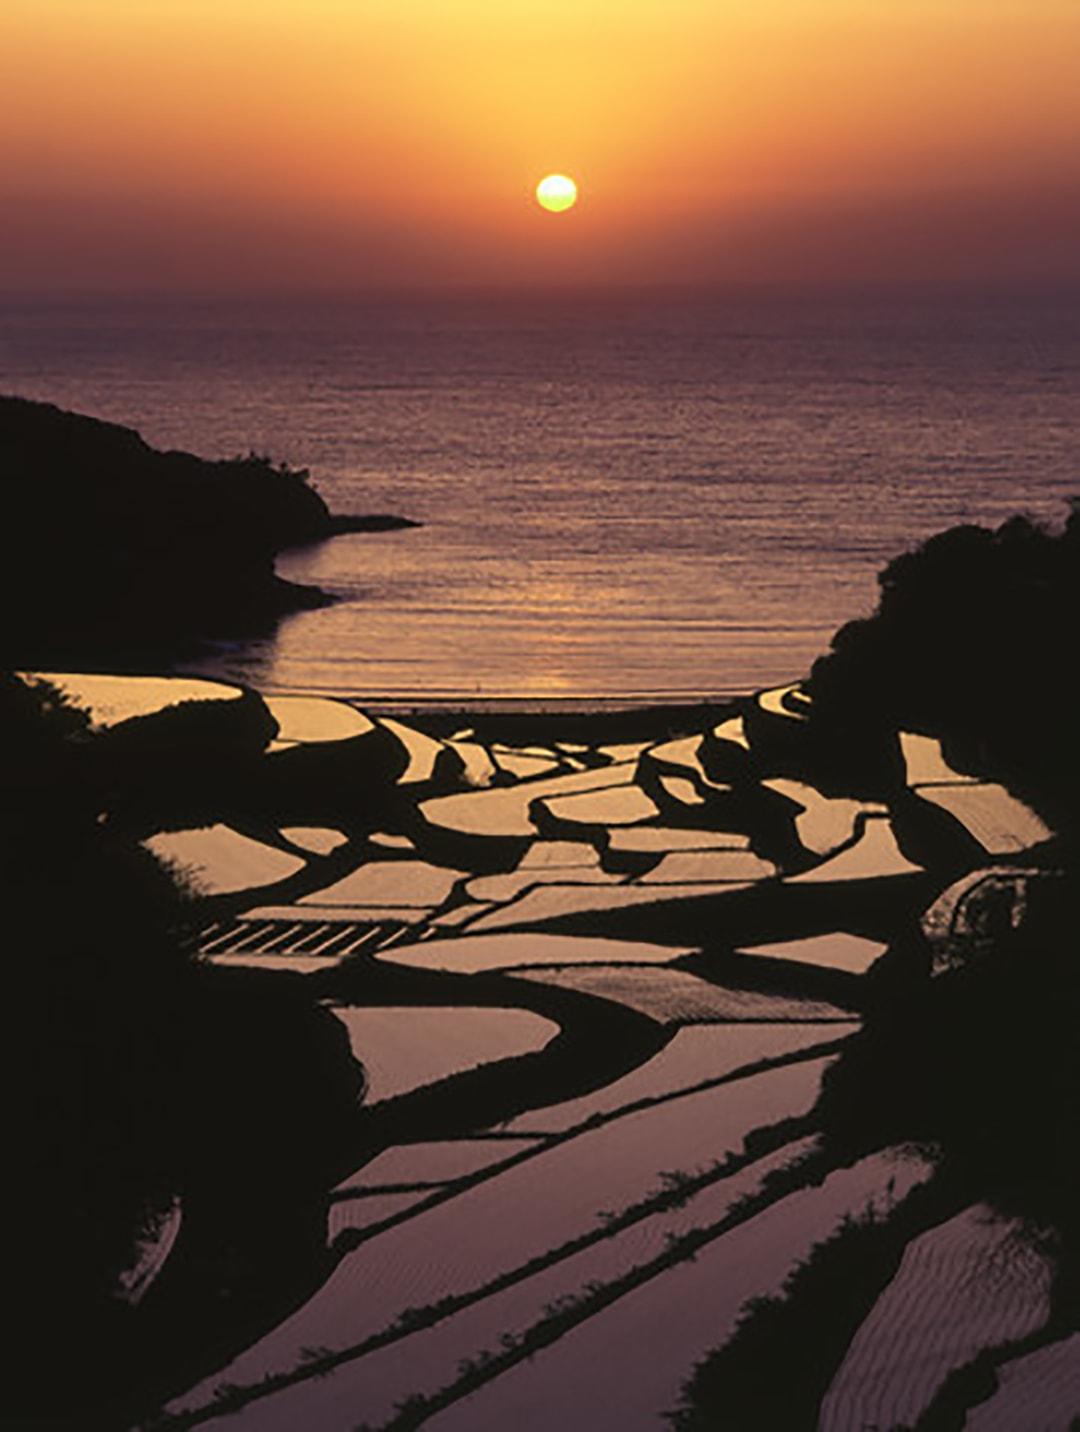 4月下旬~5月中旬の夕日に染まる情景は圧巻 浜野浦(はまのうら)の棚田